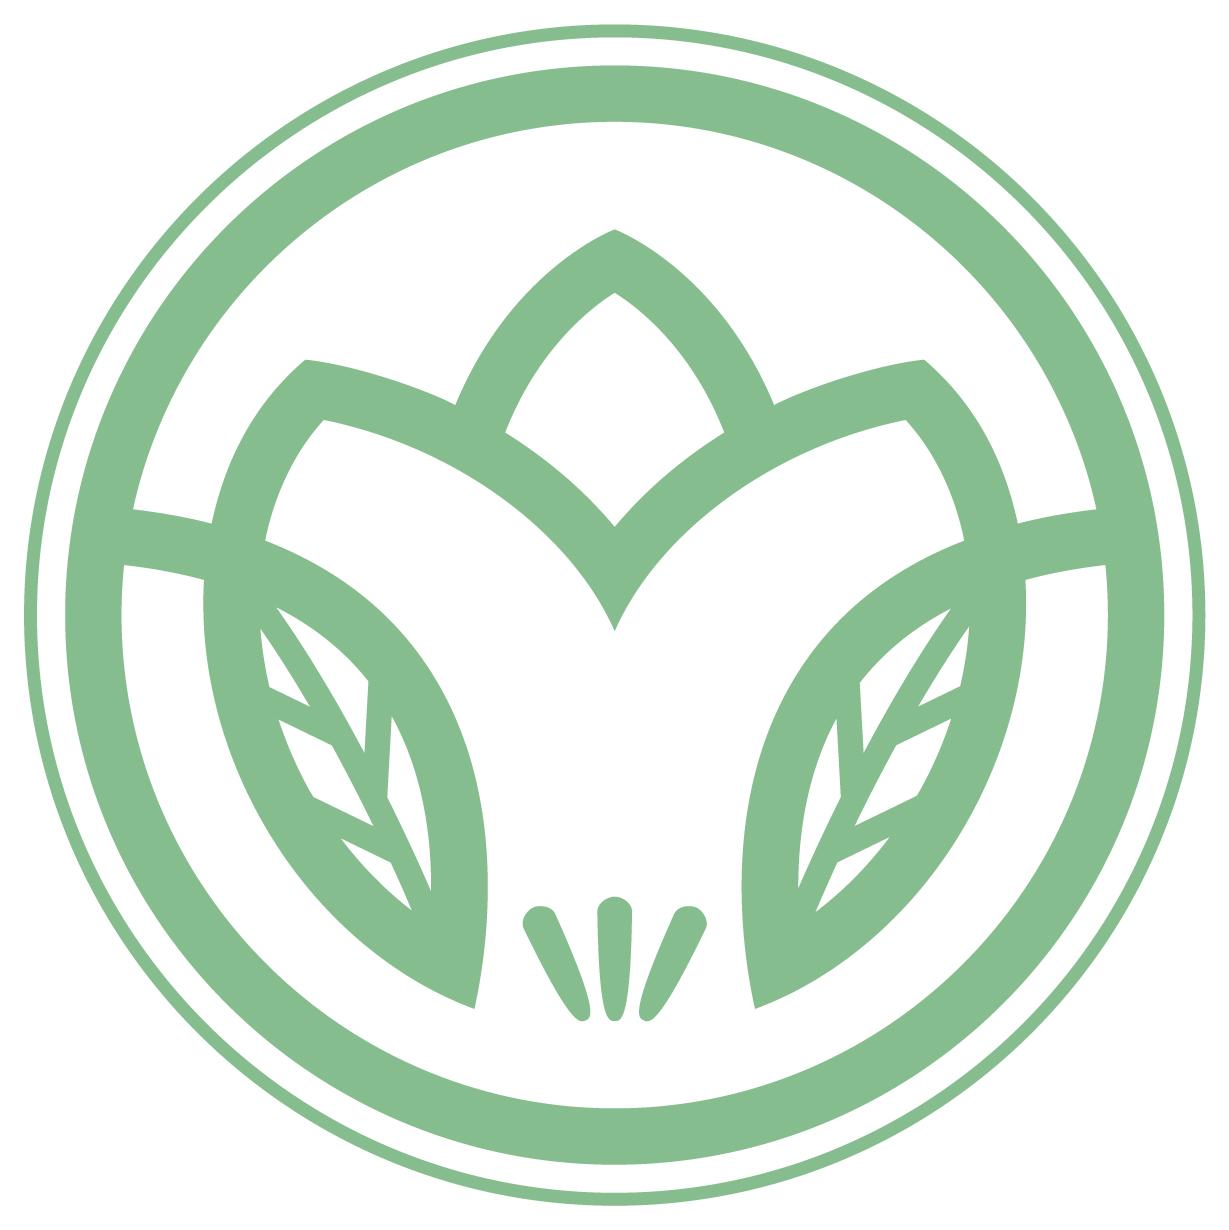 建築/建設/設備/設計/造園とエンブレム・家紋と緑のロゴ